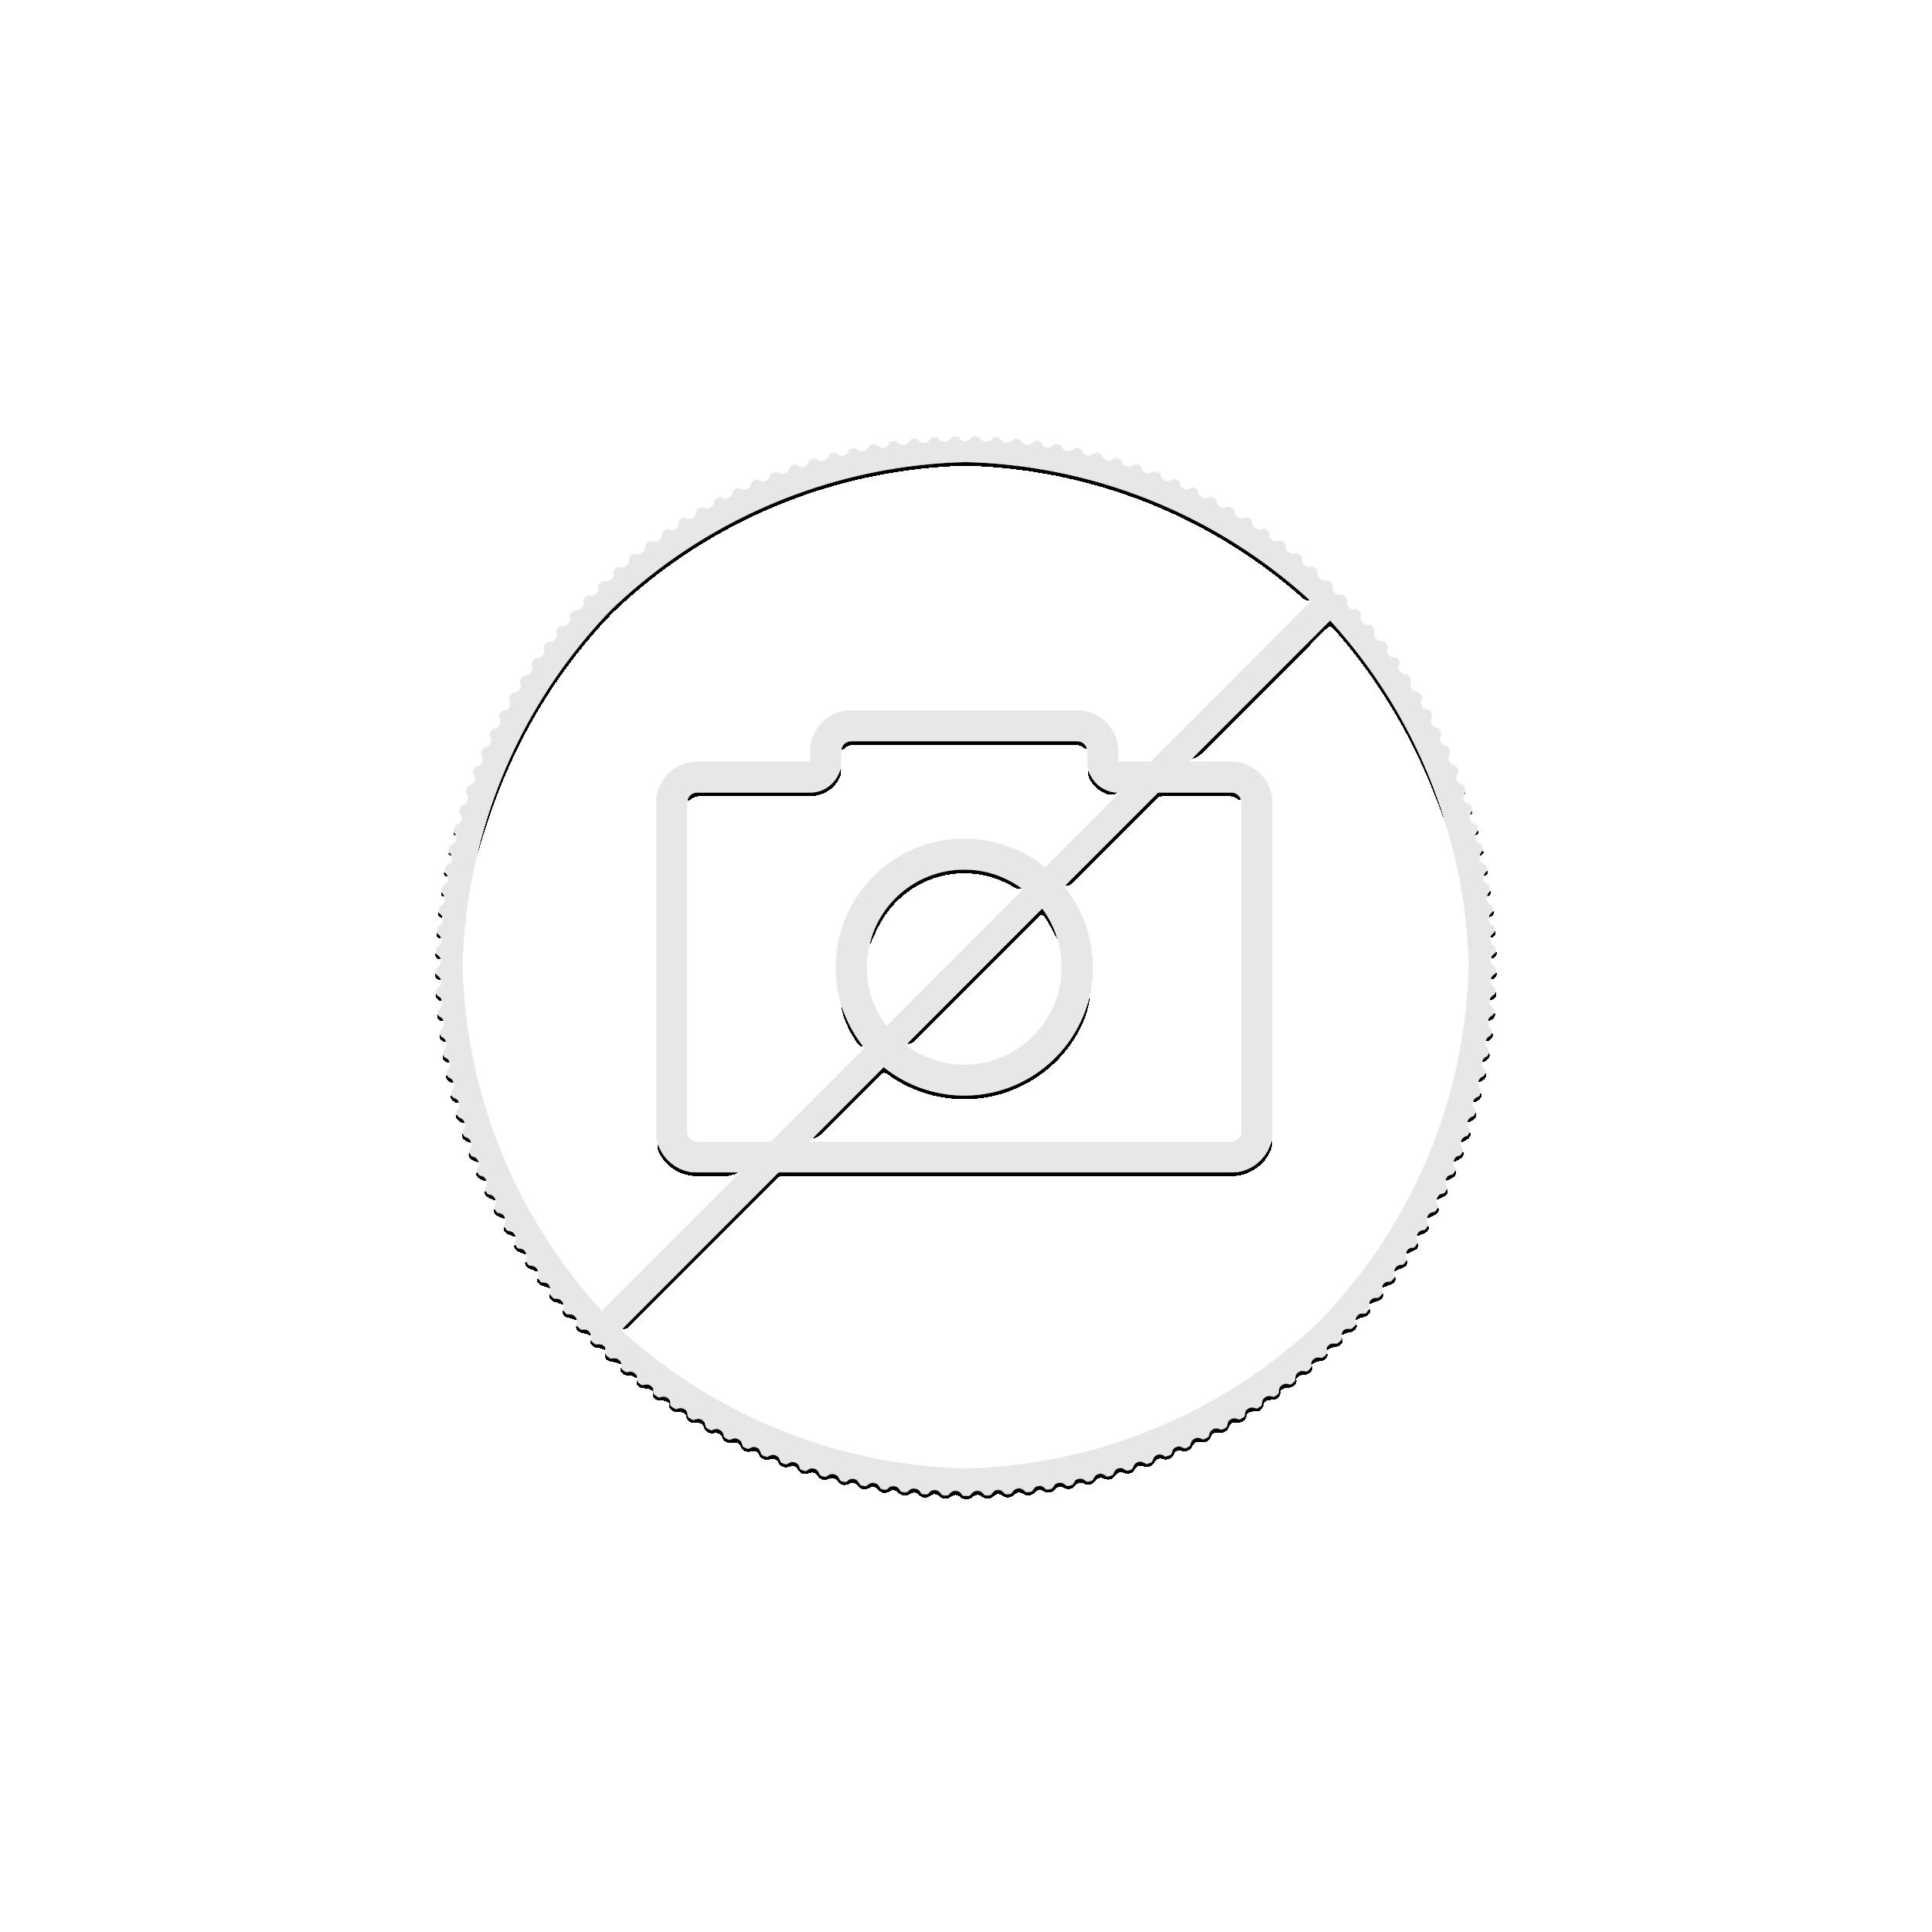 2 troy ounce zilveren Lunar munt 2008 - jaar van de muis